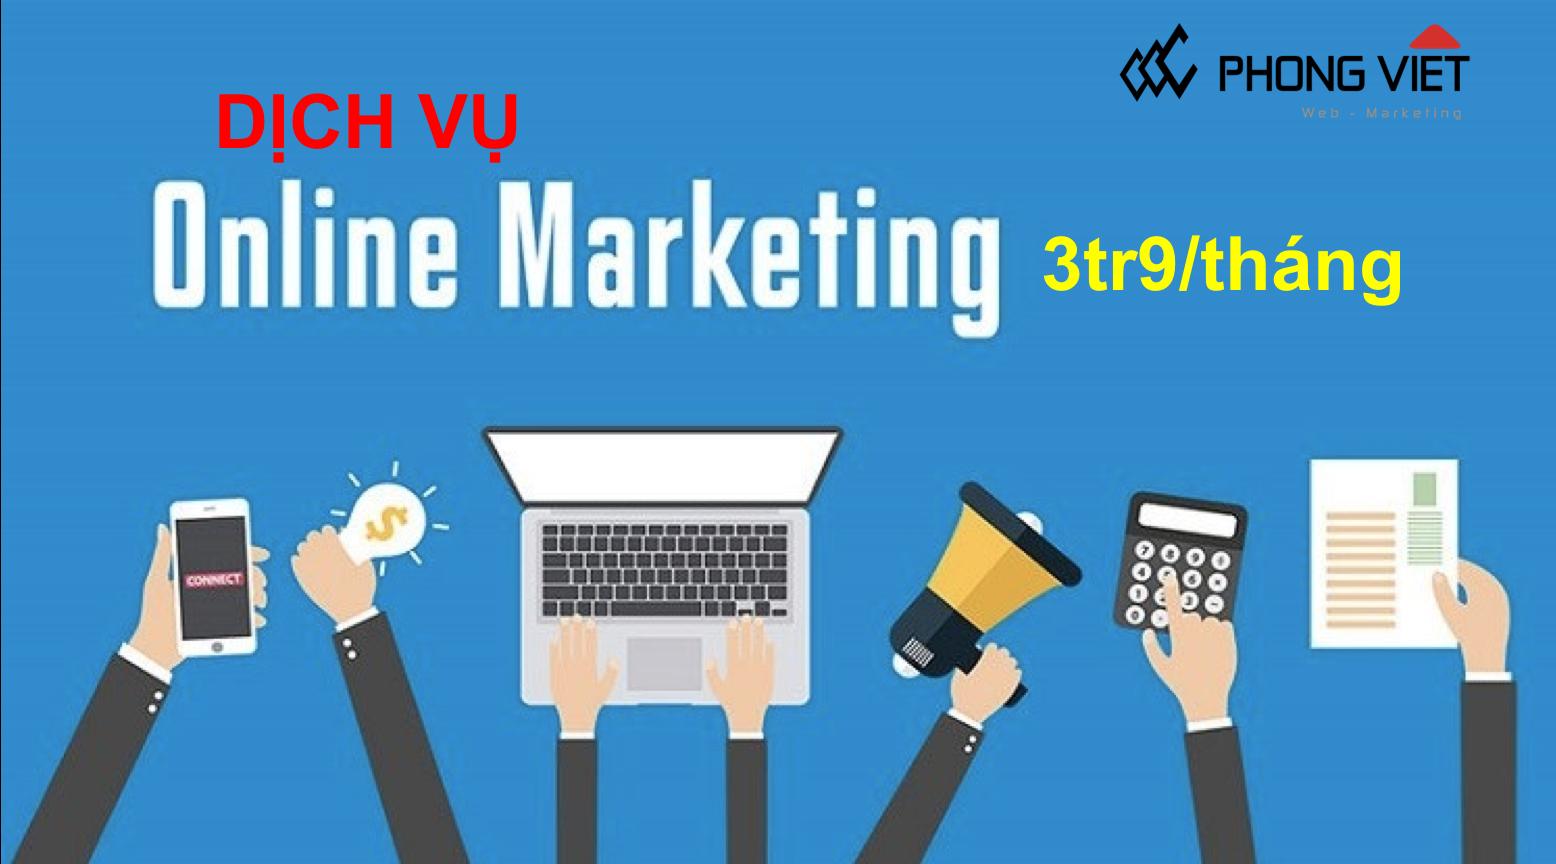 Trải Nghiệm gói dịch vụ Marketing Online Google và Facebook chỉ 3tr9/tháng